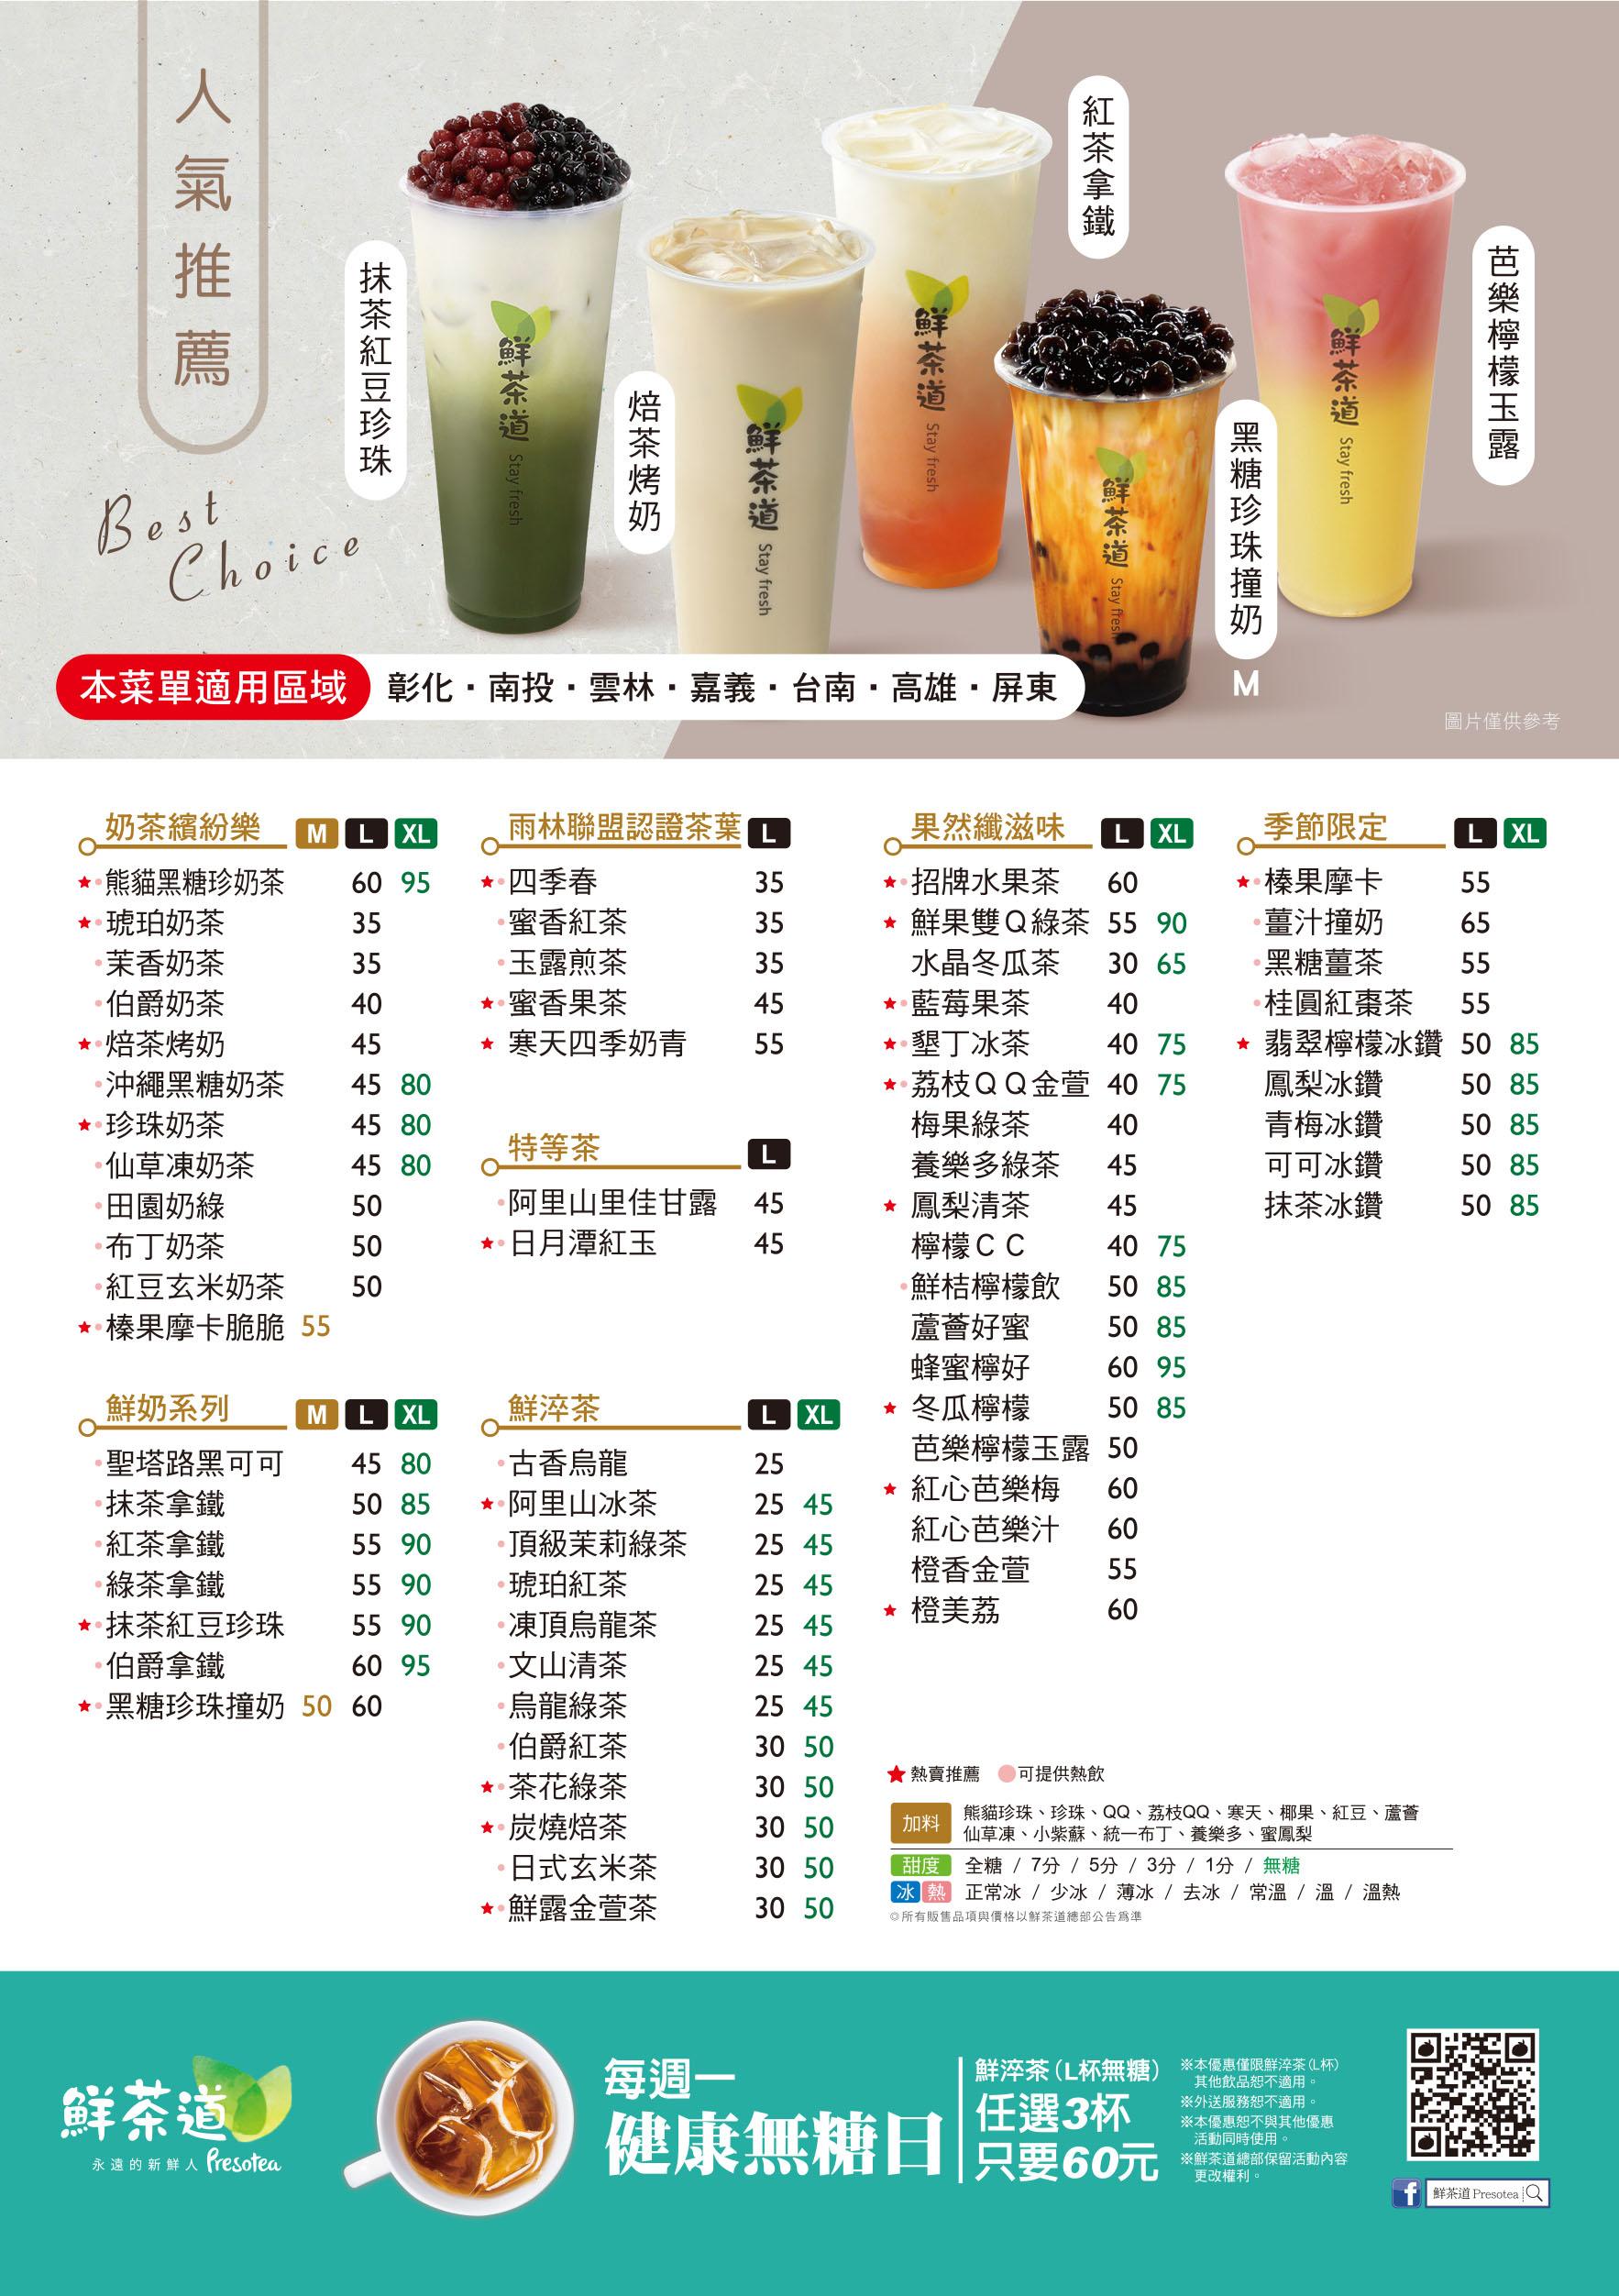 鮮茶道Presotea彰化、南投、雲林、嘉義、台南、高雄、屏東菜單MENU